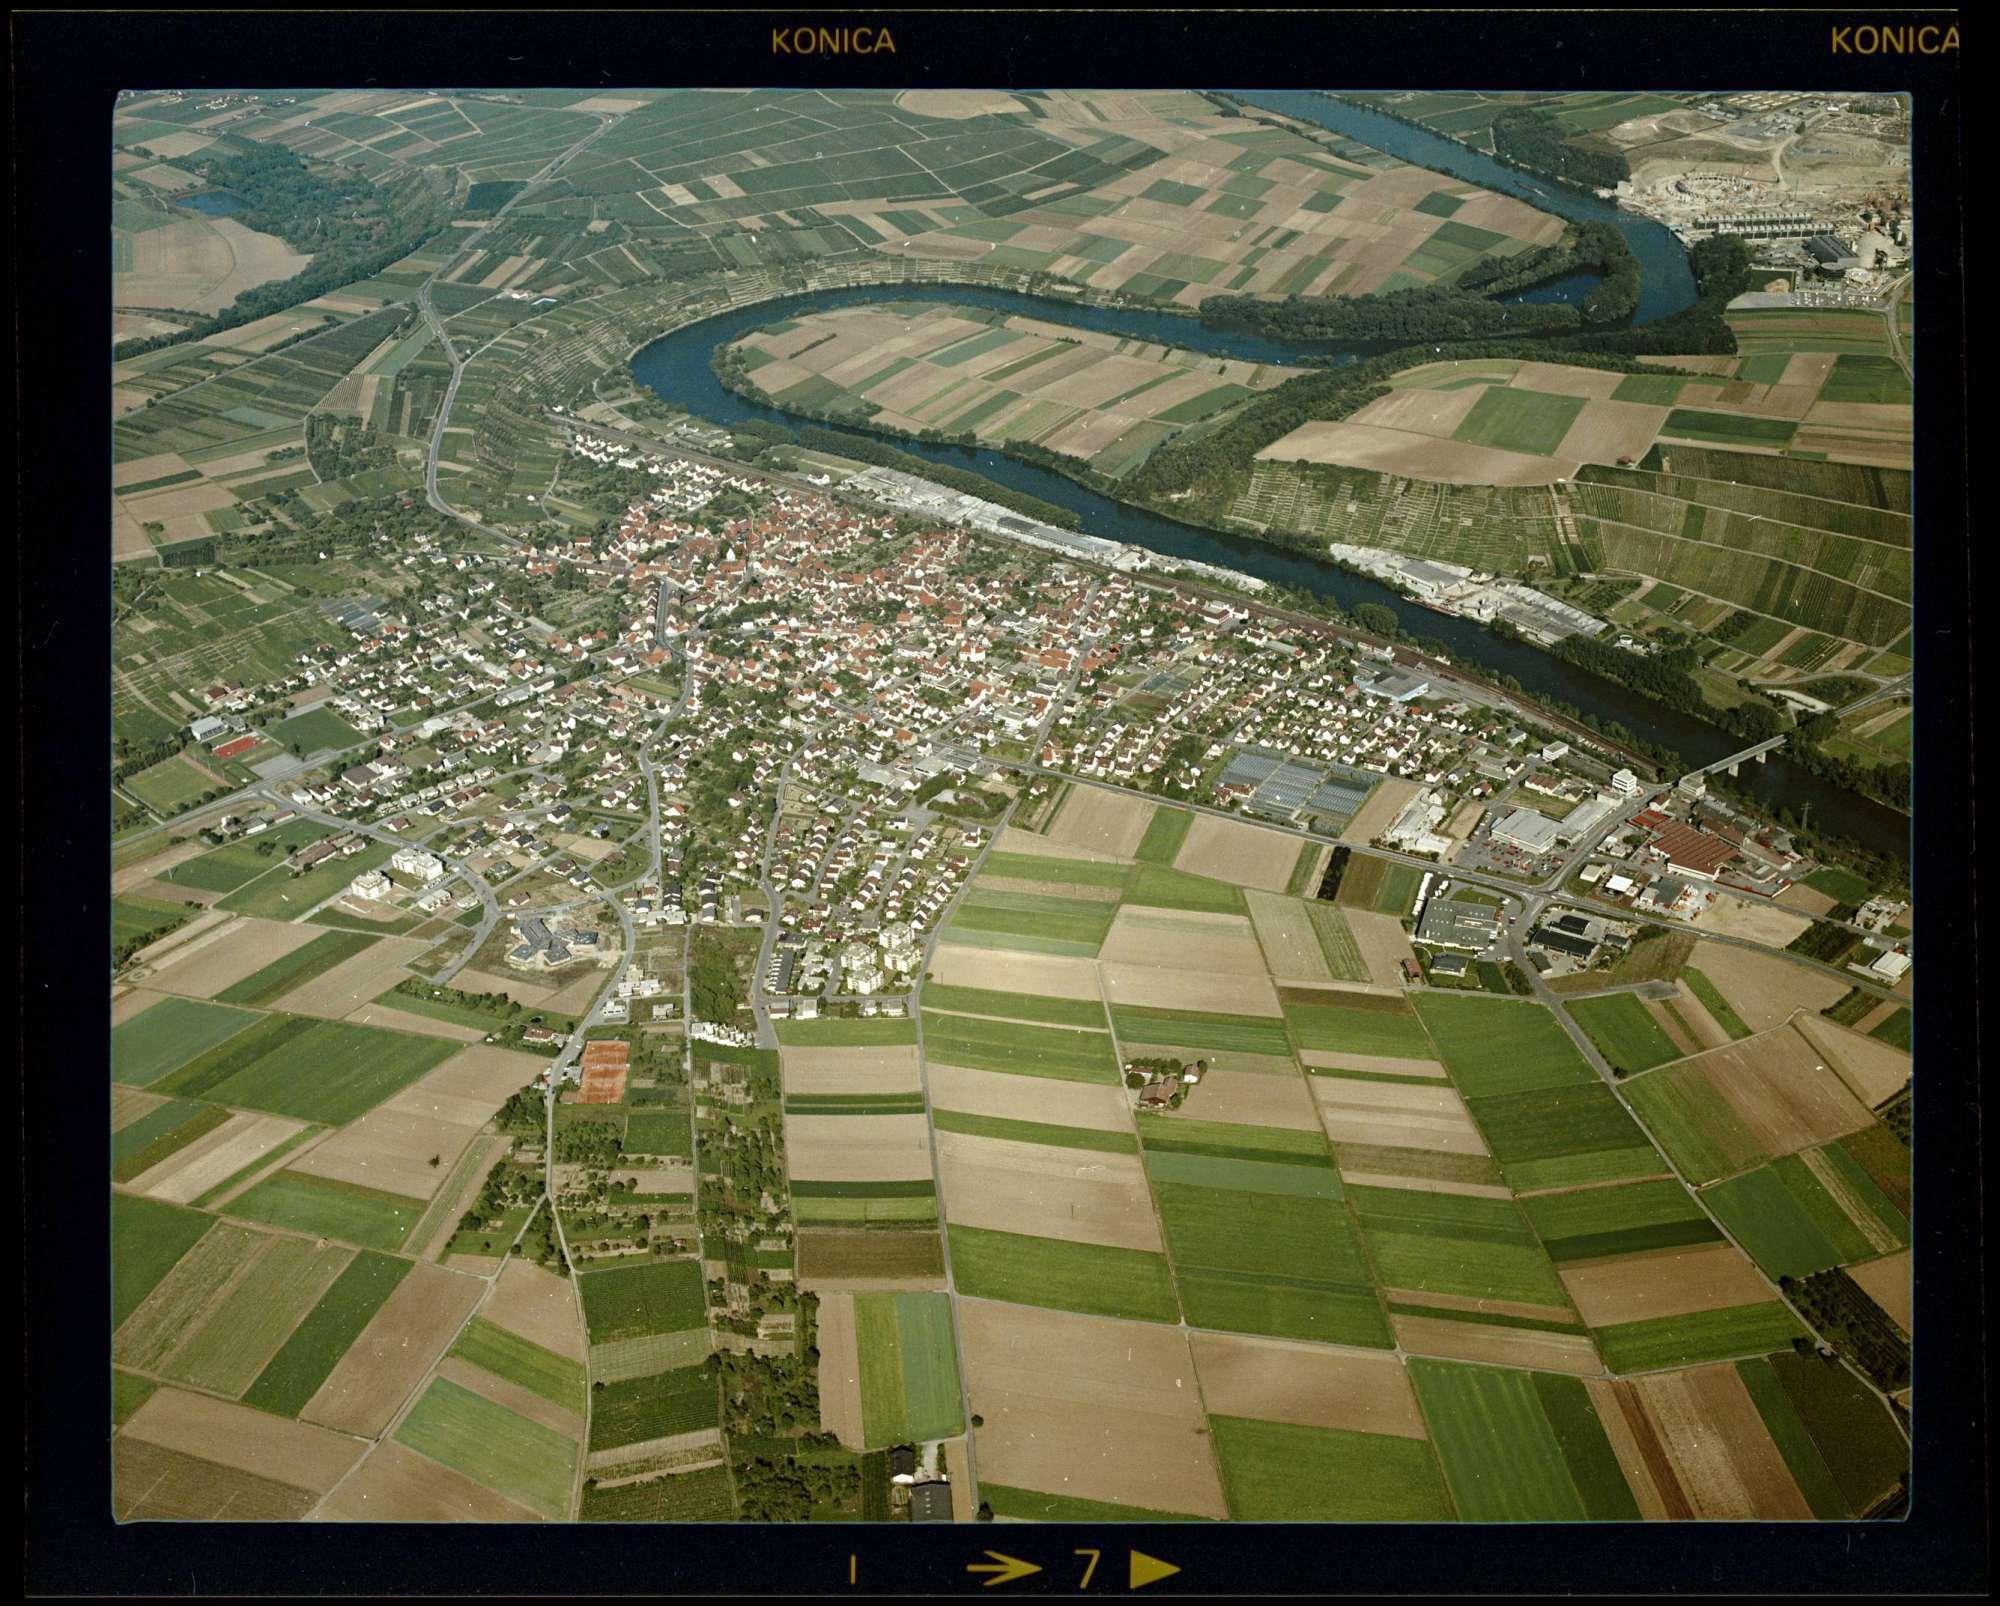 Kirchheim am Neckar, Luftbild, Bild 1